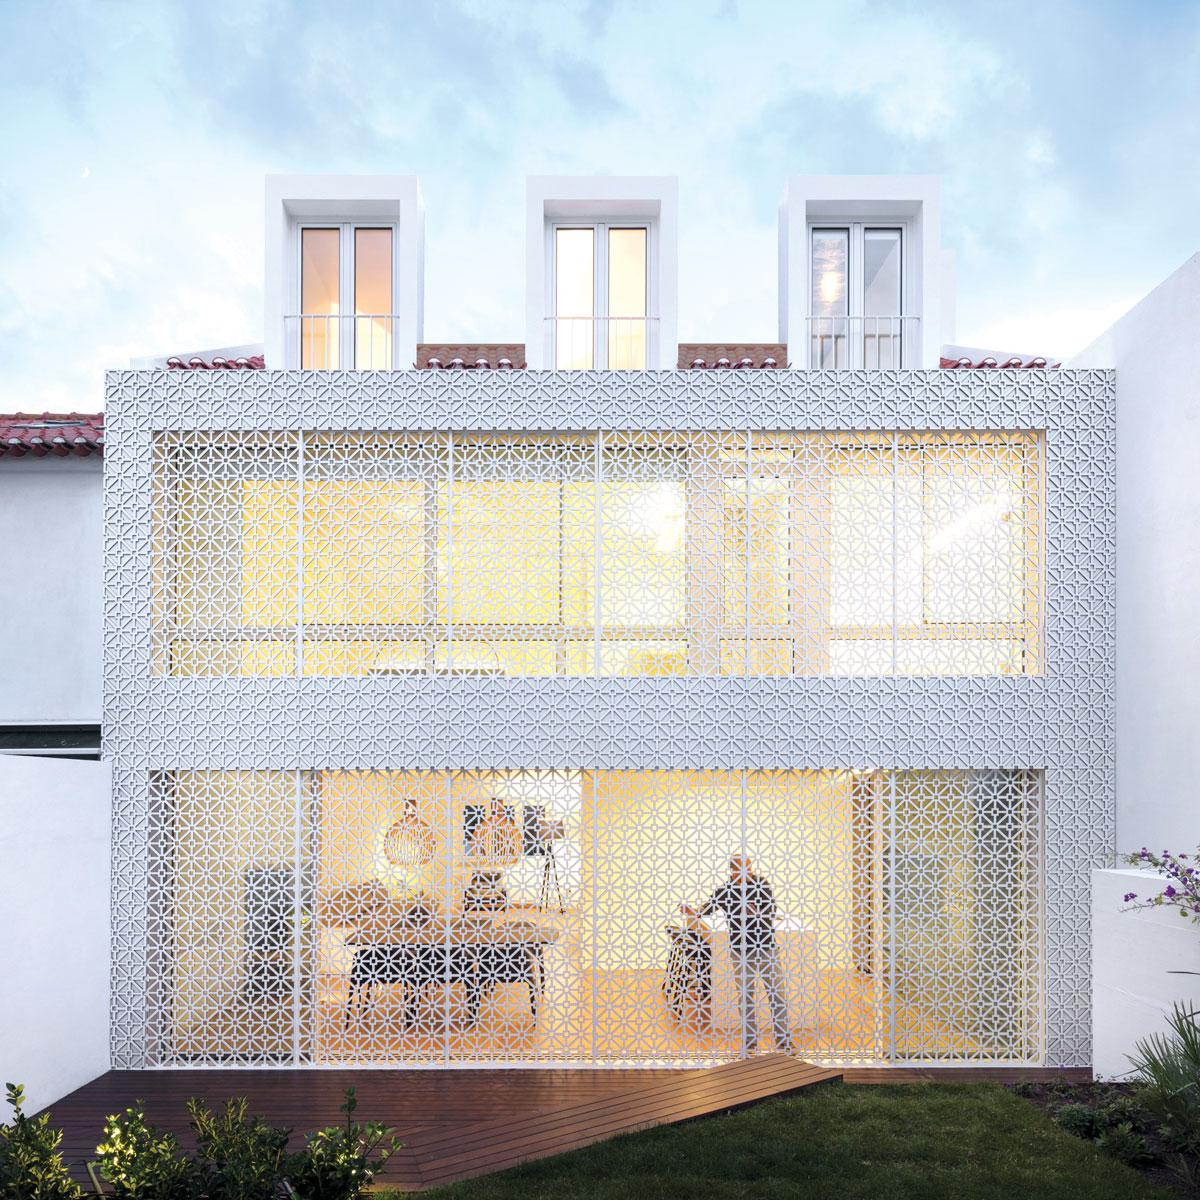 Perforirane fasade od aluminijuma